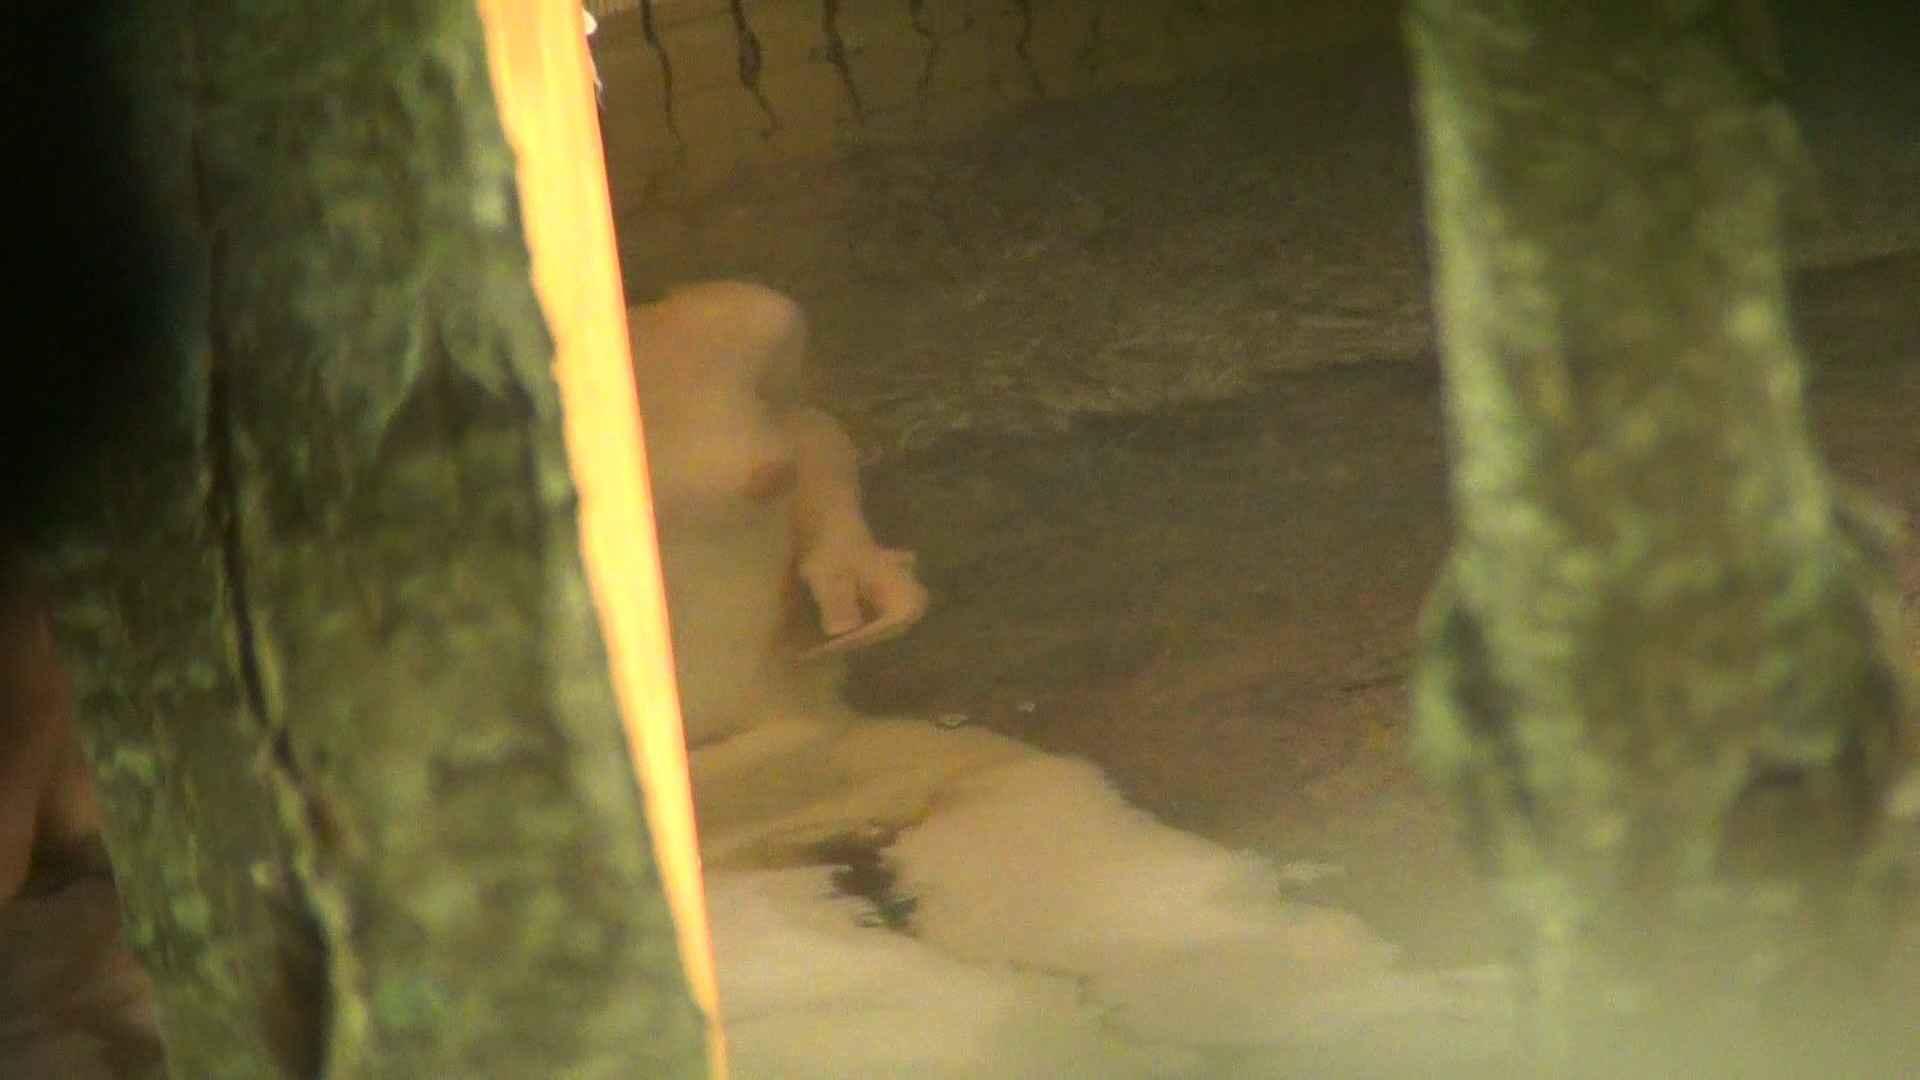 Aquaな露天風呂Vol.264 美しいOLの裸体  99pic 90